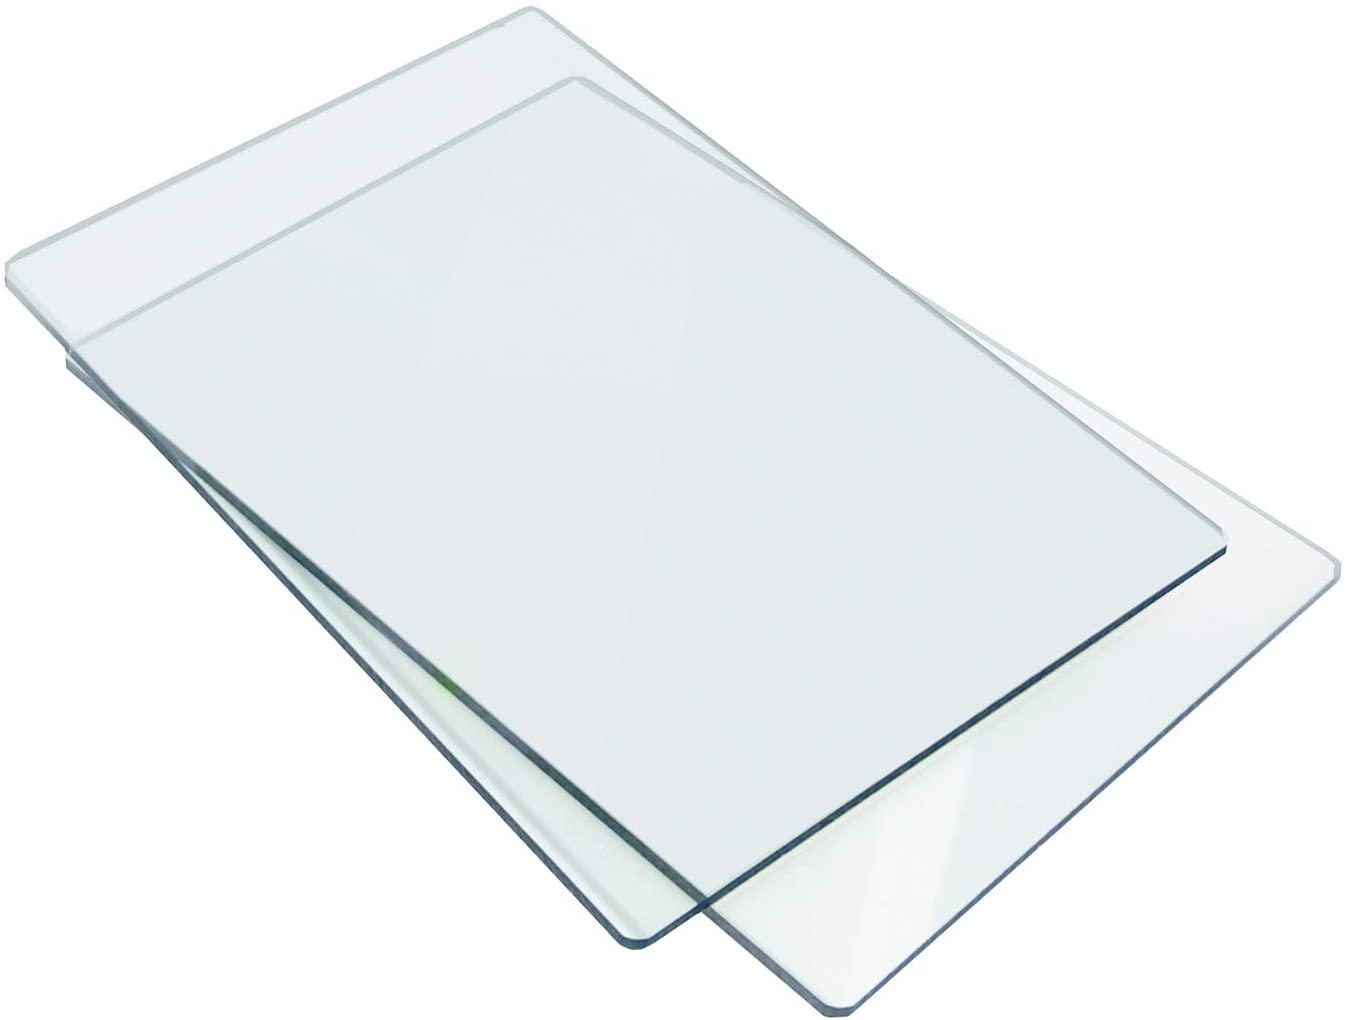 Sizzix - Standard Cutting Pad: 1 Pair - Clear